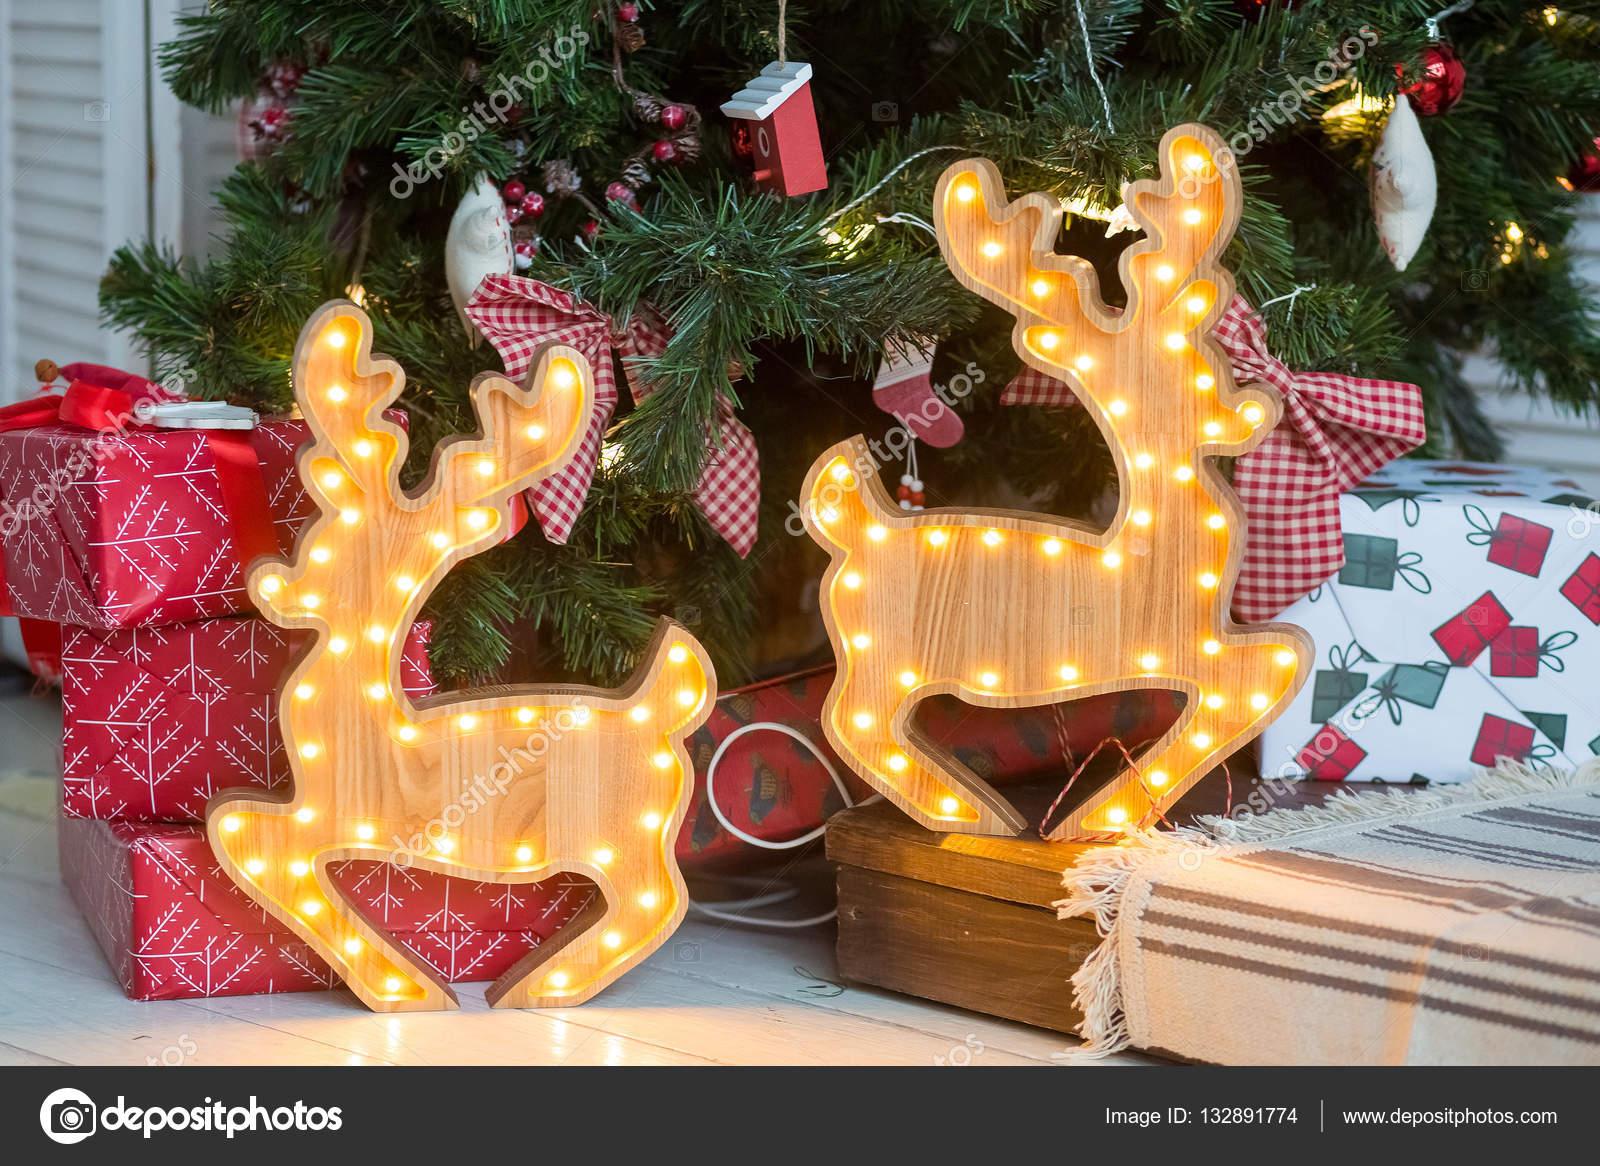 Weihnachtsbaum mit holzfiguren